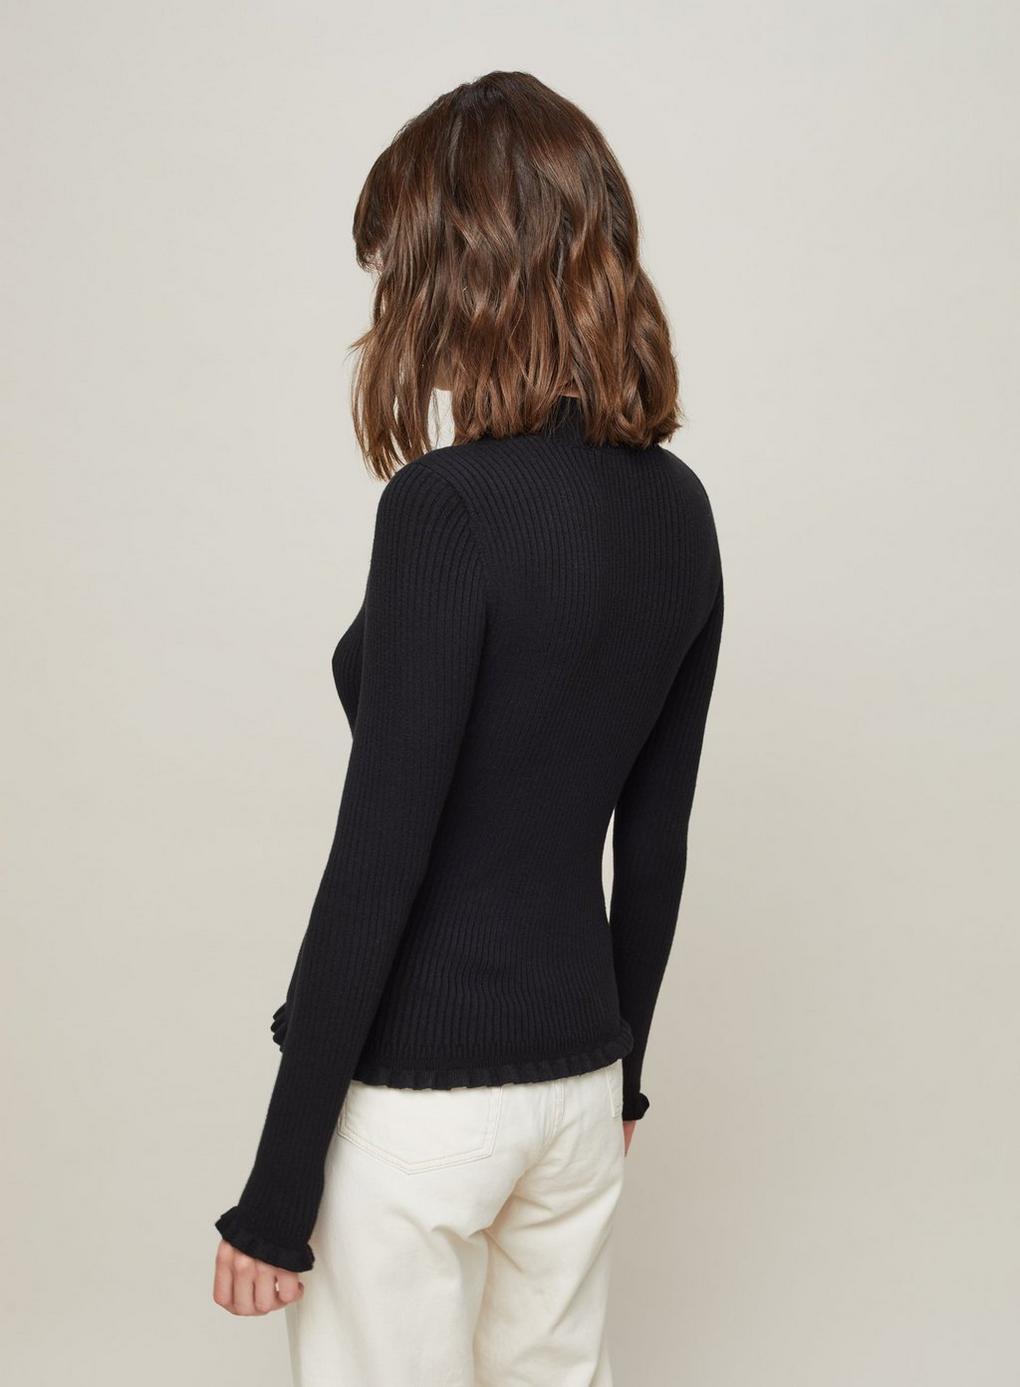 ba4f5224a6159f Miss Selfridge Black Frill Hem Rib Knitted Top in Black - Lyst